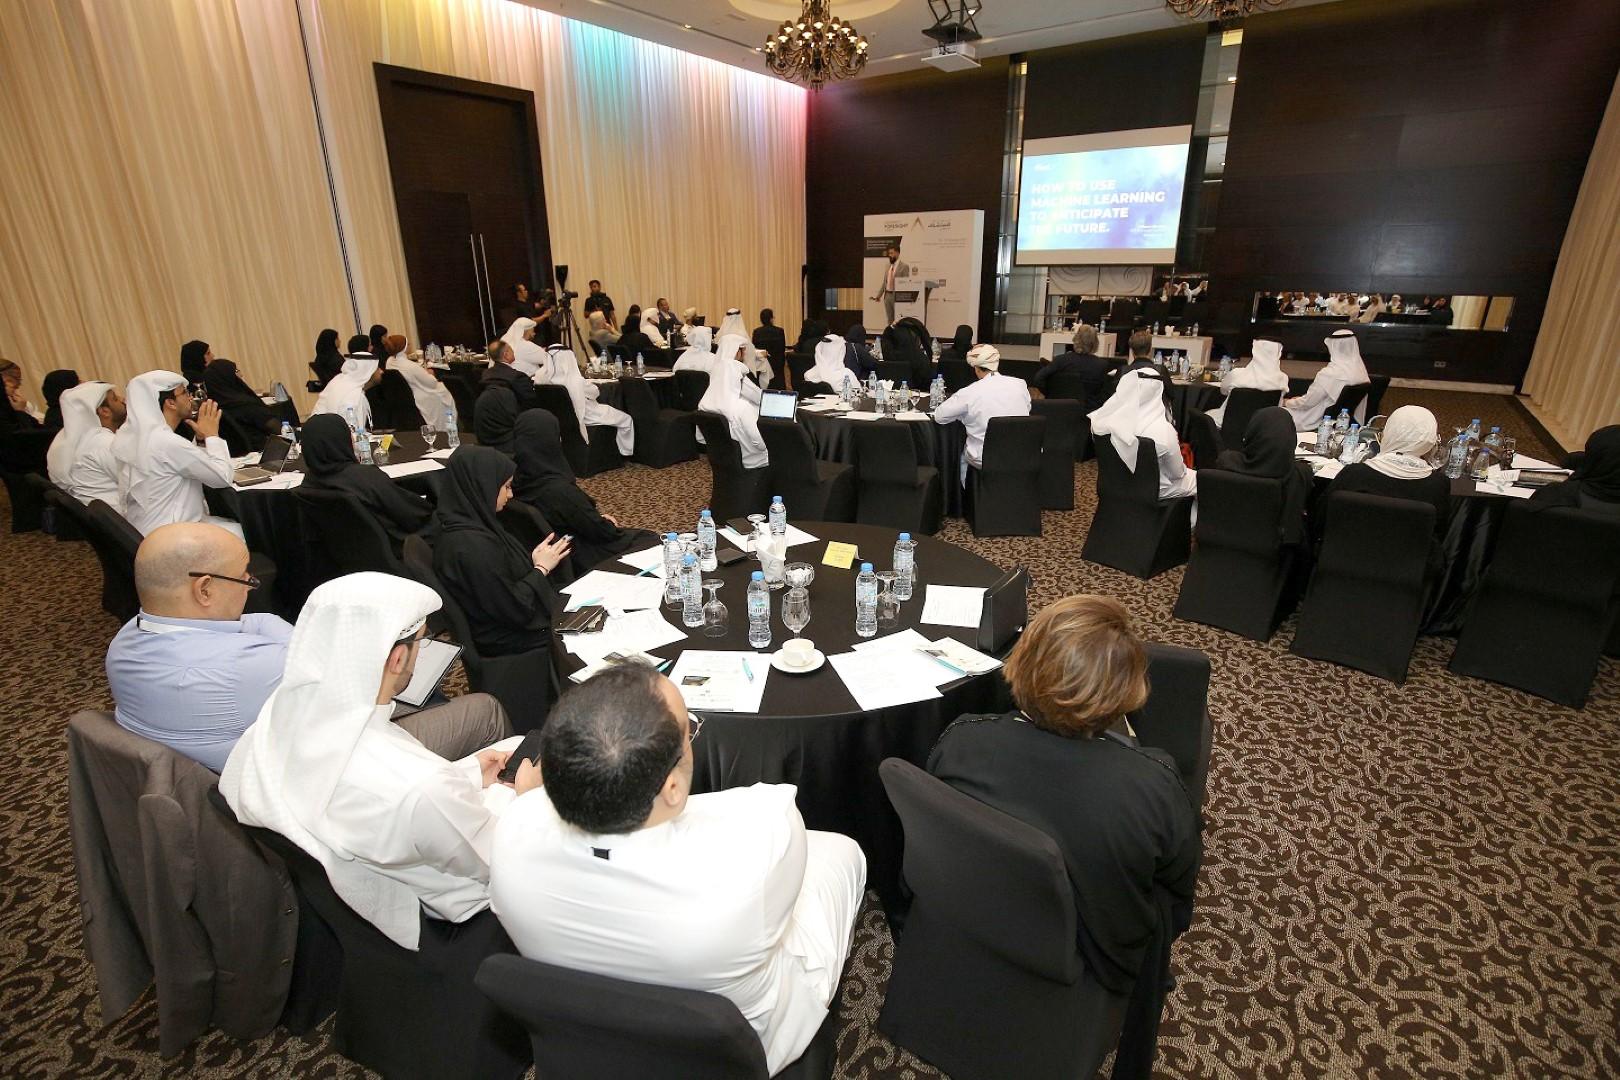 انطلاق قمة الإستشراف الحكومي فى دبي لمناقشة جاهزية المؤسسات للمستقبل